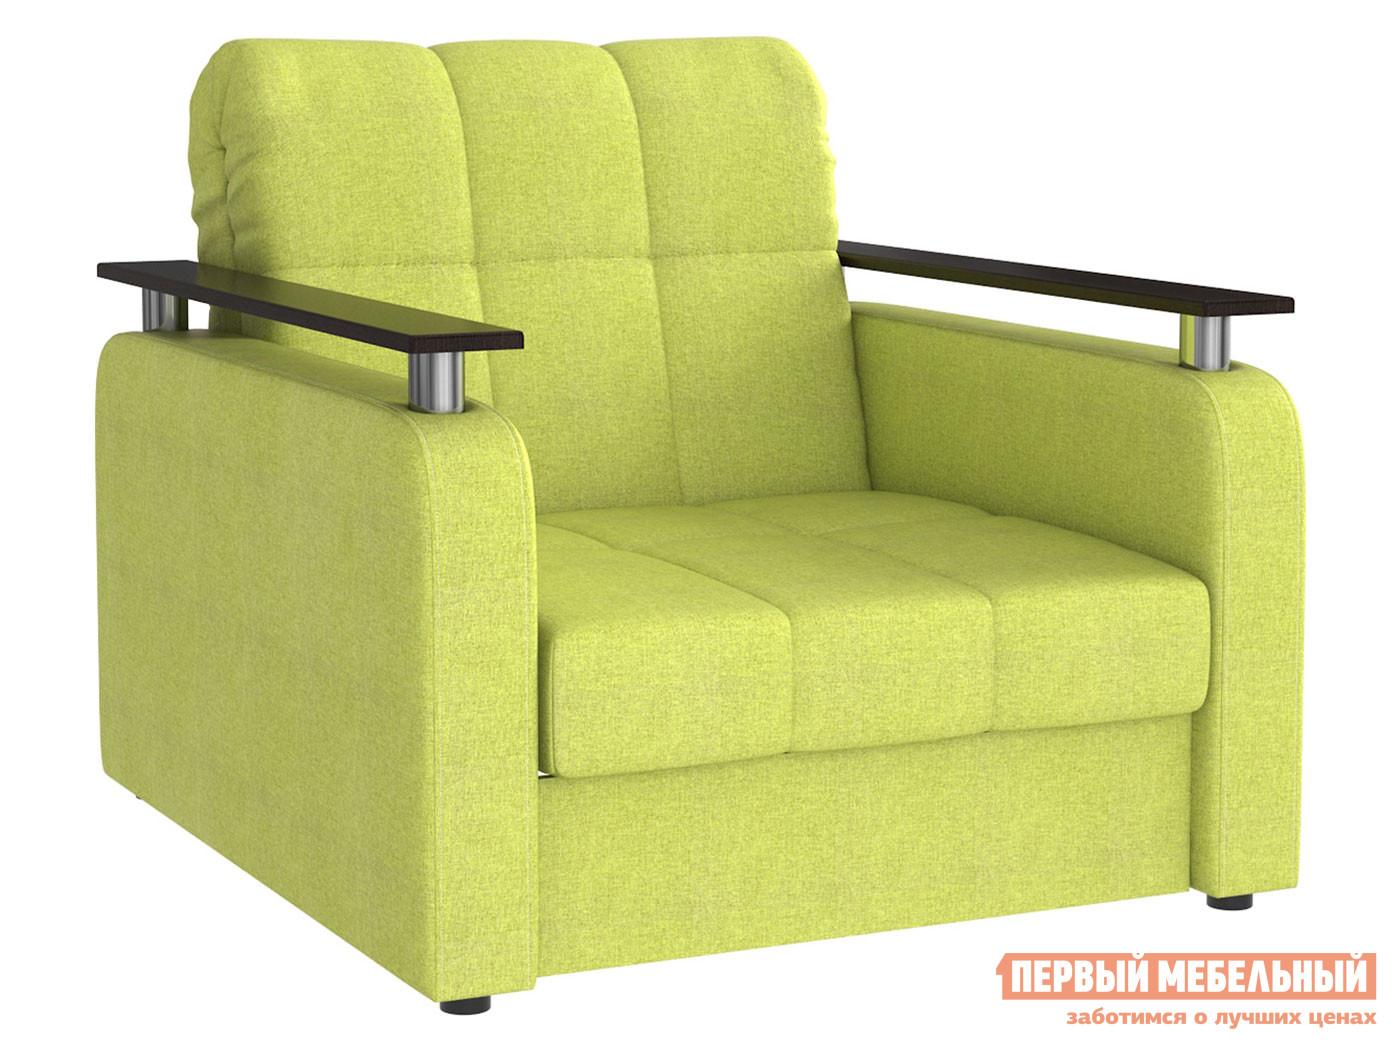 Кресло-кровать Первый Мебельный Кресло-кровать Денвер Люкс